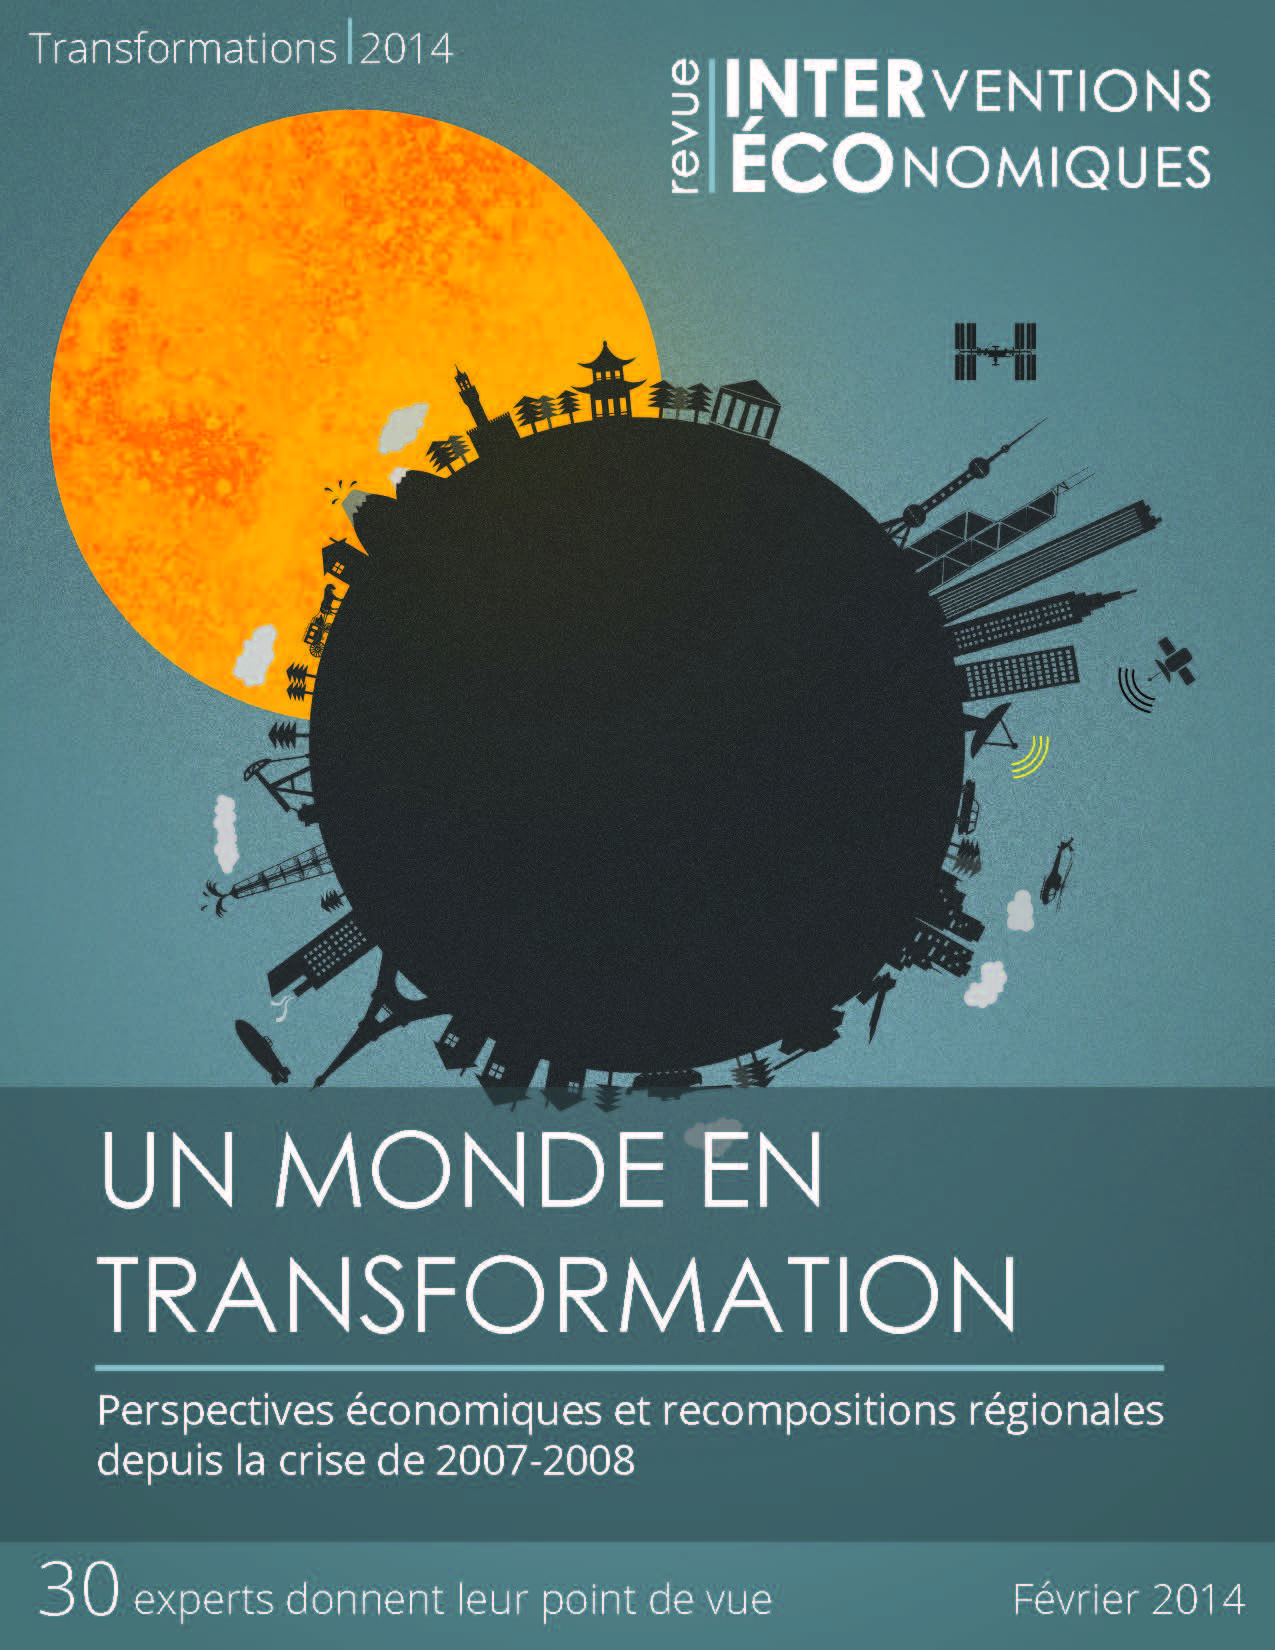 Un monde en transformation : Perspectives économiques et recompositions régionales depuis la crise de 2007-2008